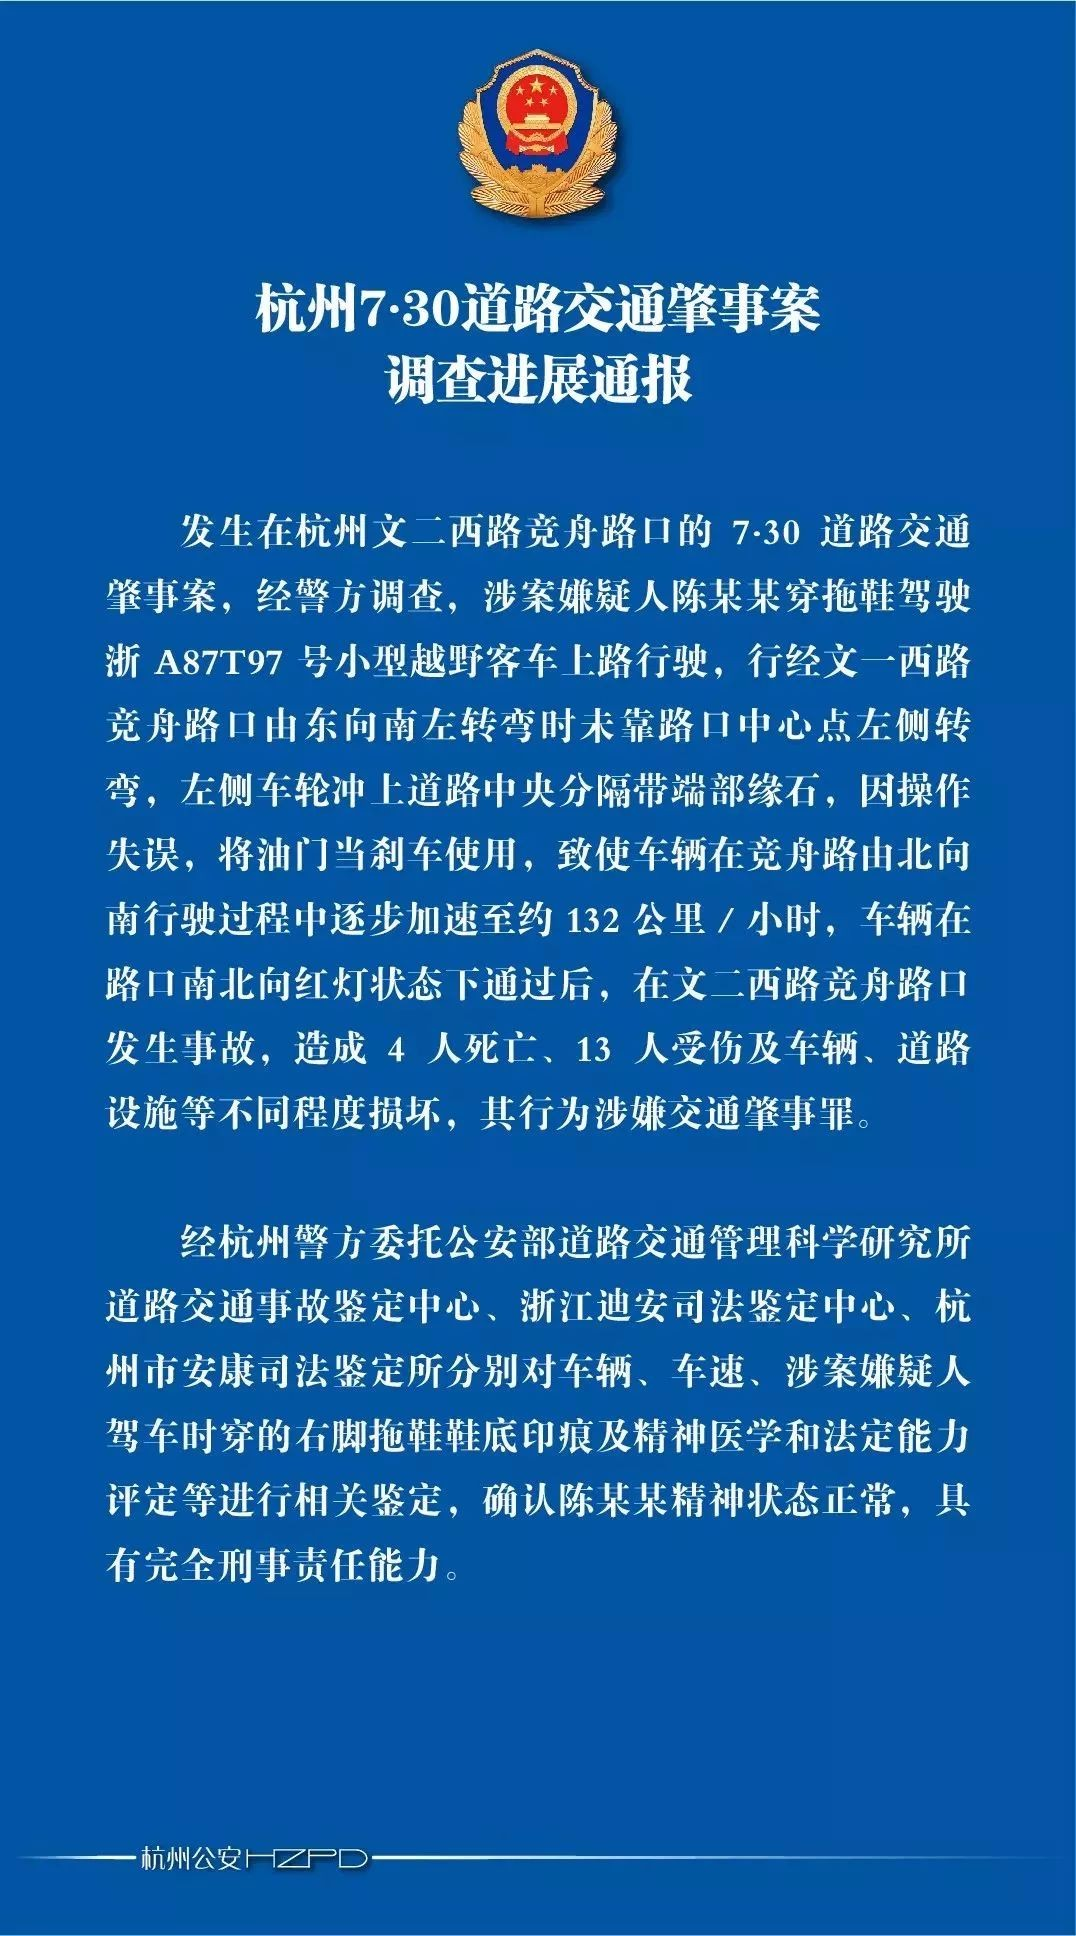 杭州4死交通肇事案通报:司机穿拖鞋 油门当刹车 时速132 闯红灯